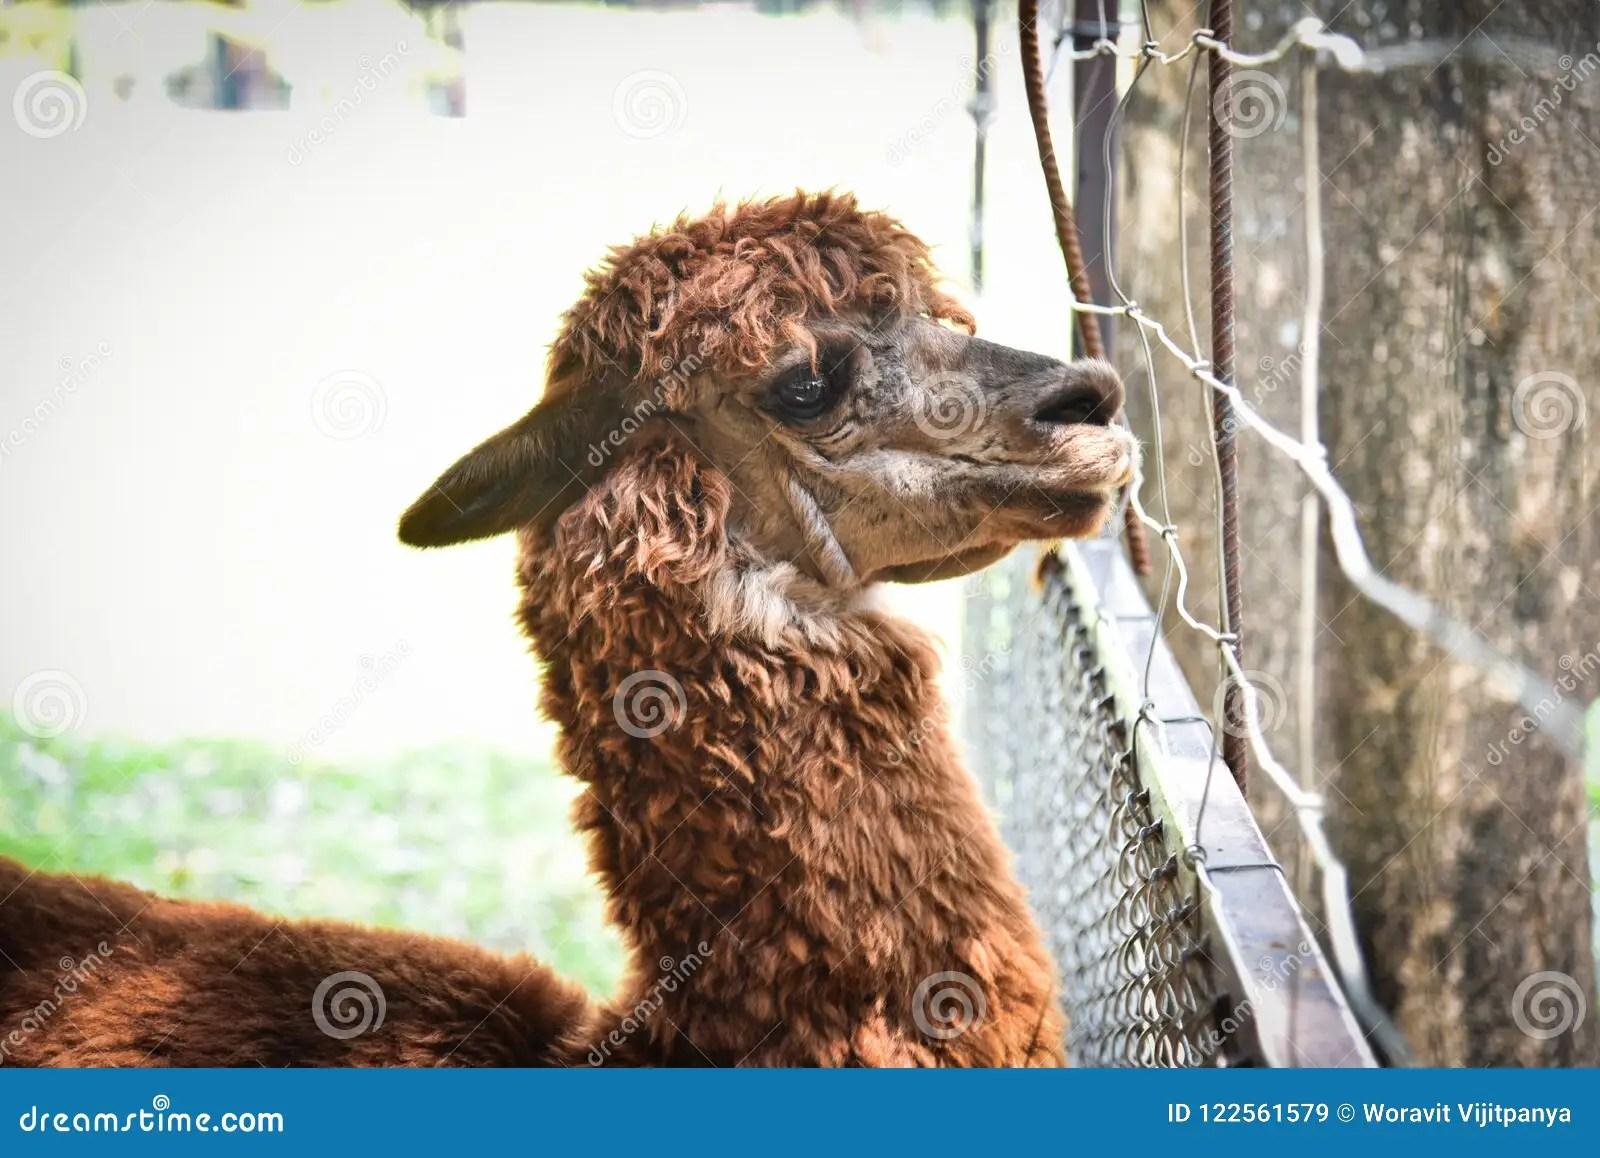 Alpaka stockbild Bild von tier gesicht schön abschluß